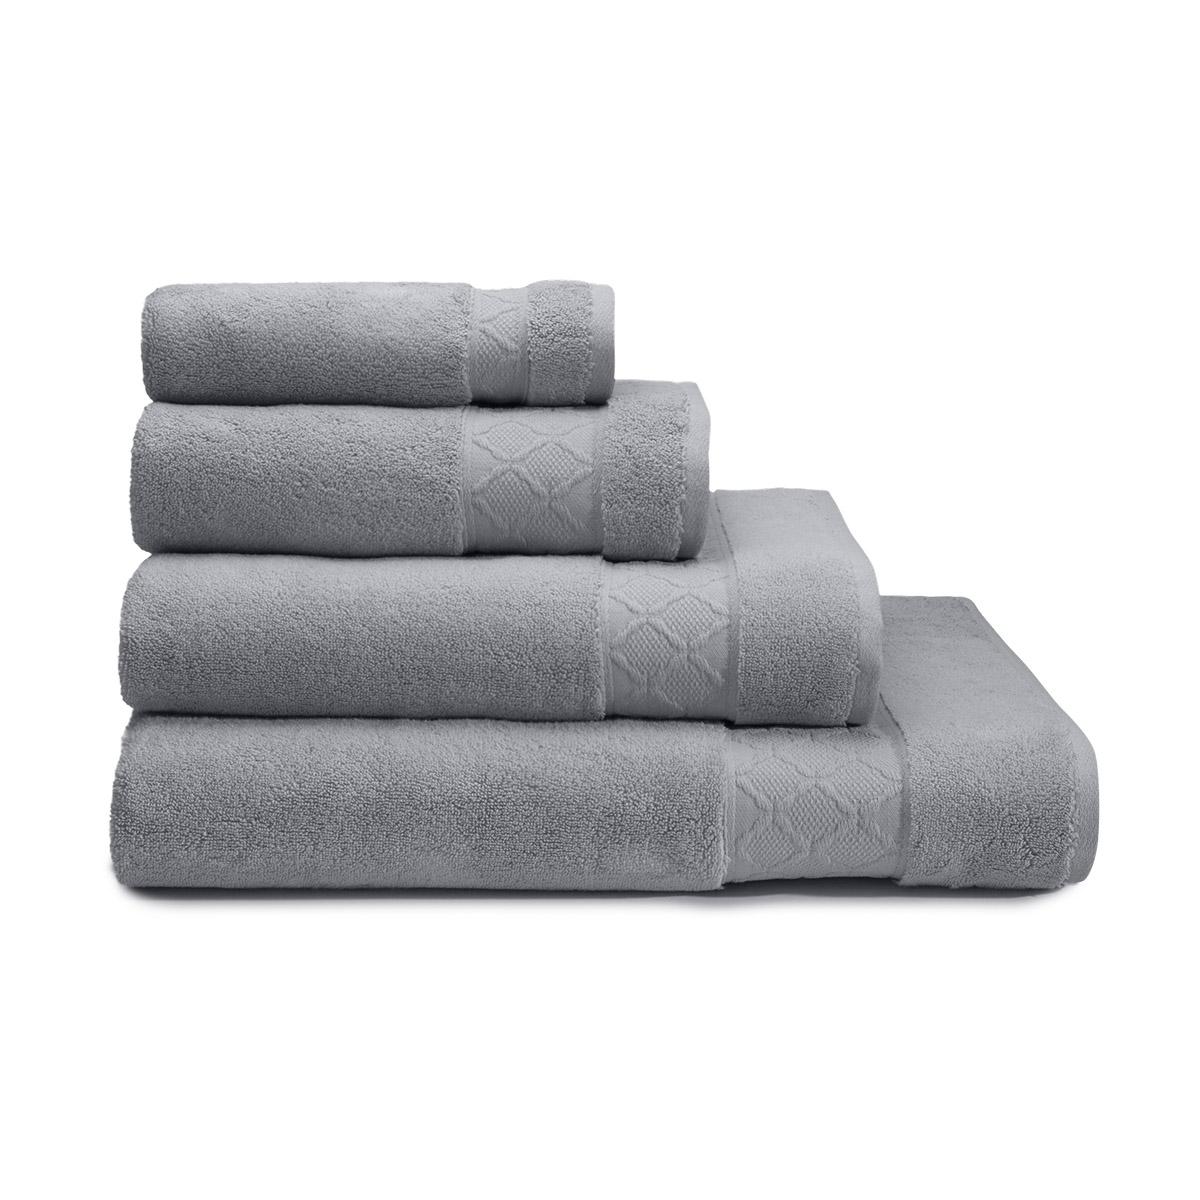 Drap de douche uni en 100% coton gris 70x140